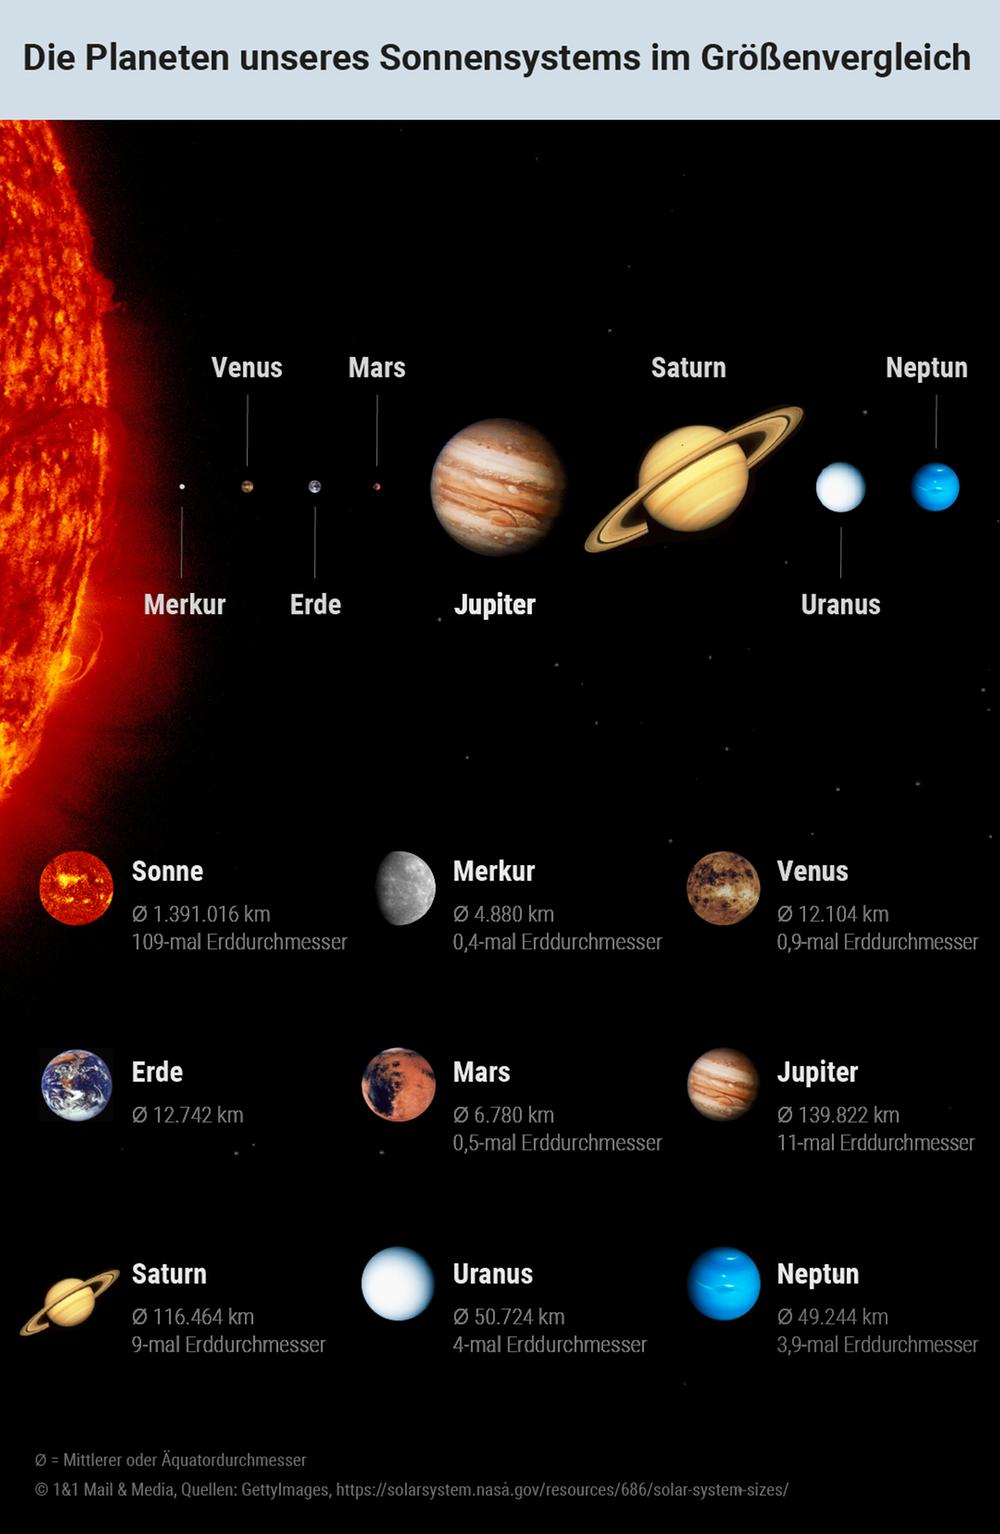 Die Planeten unseres Sonnensystems im Größenvergleich